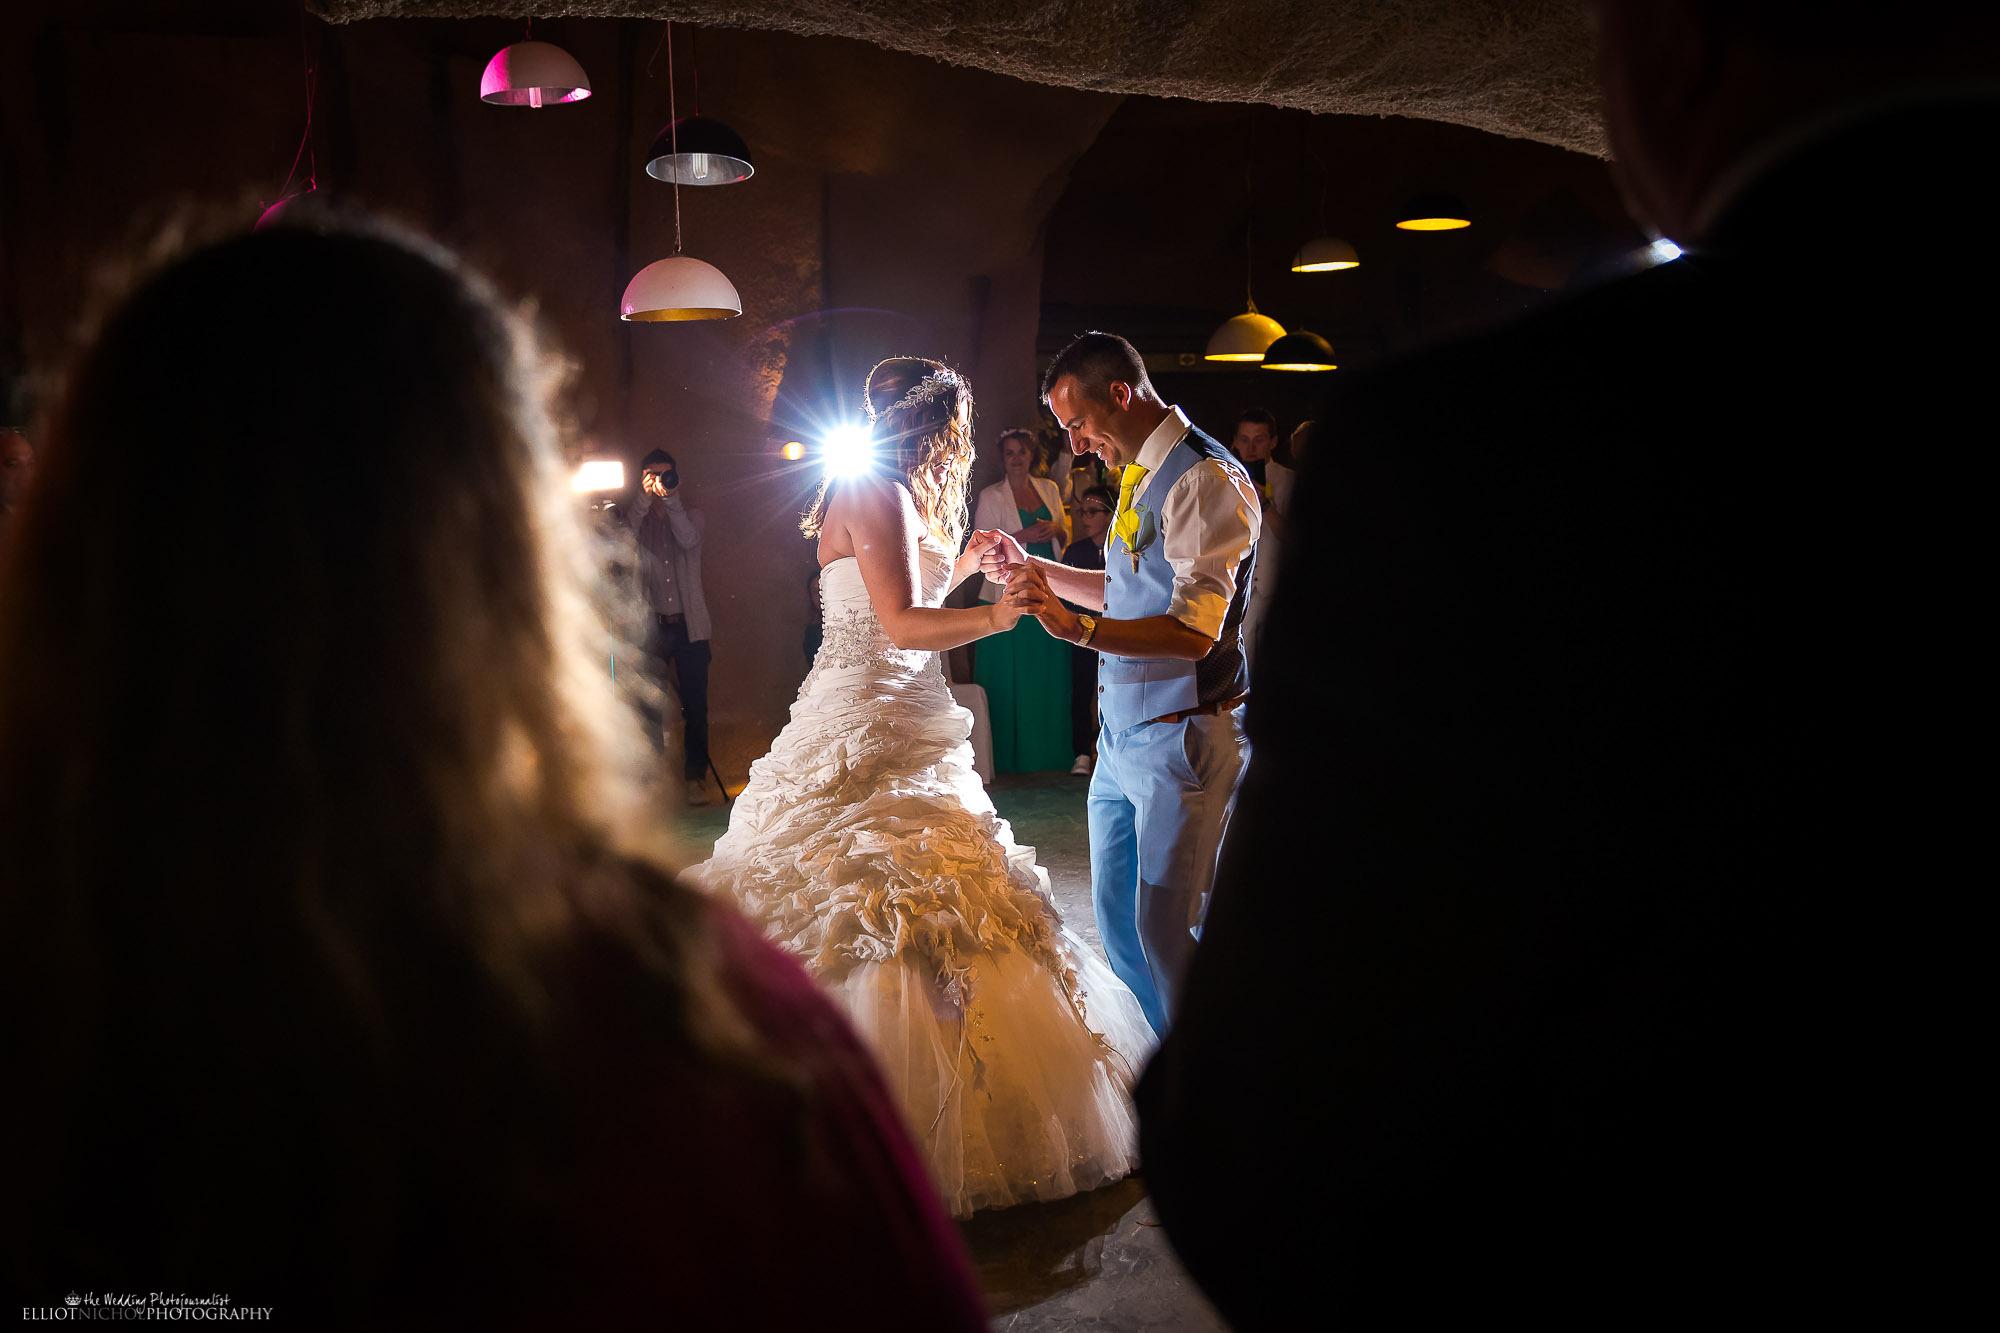 bride-groom-dance-first-wedding-destination-reception